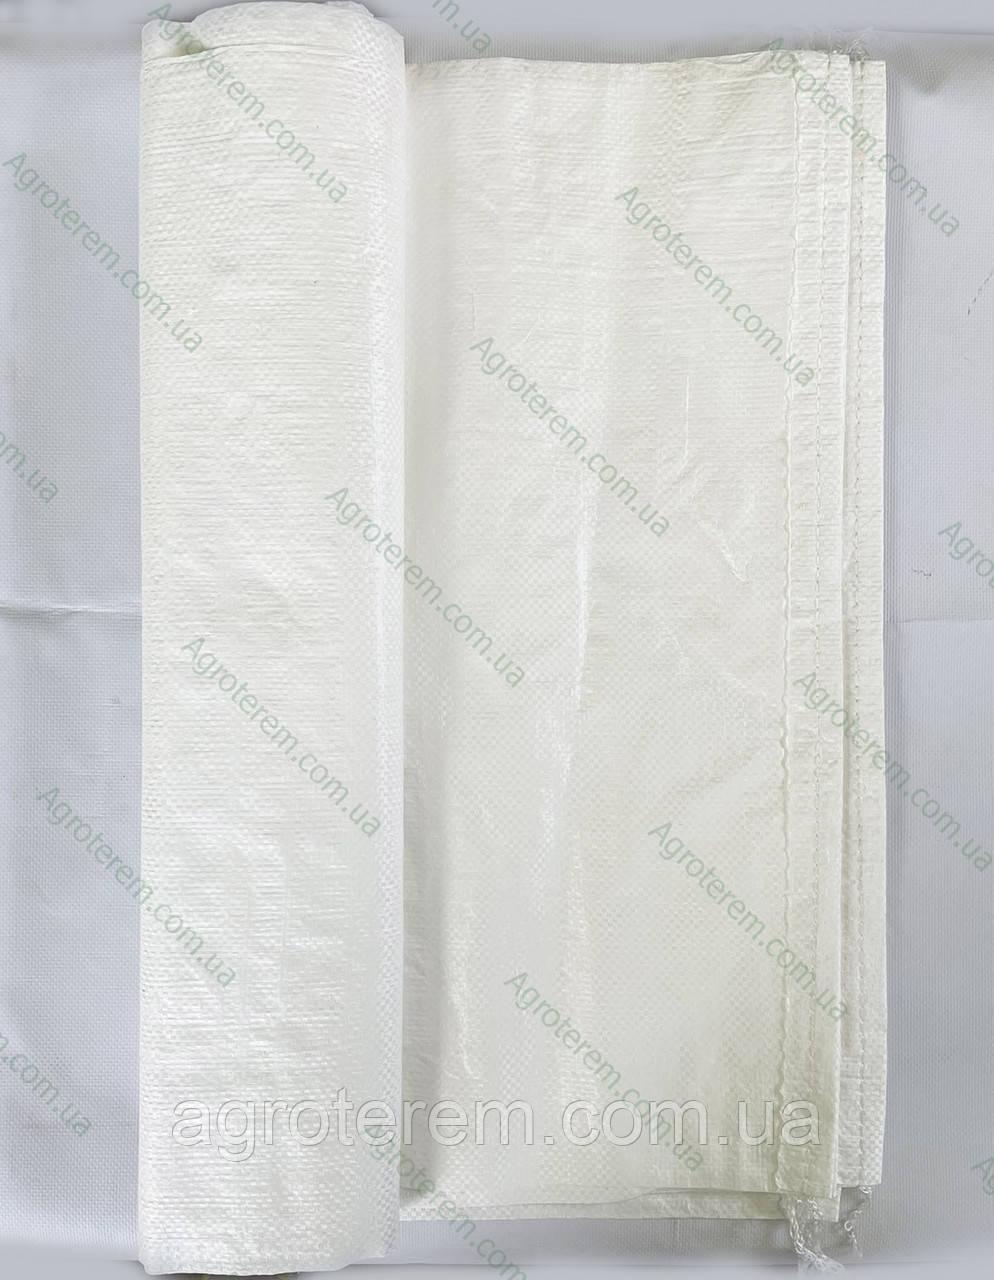 Мешок полипропиленовый 550*900 мм